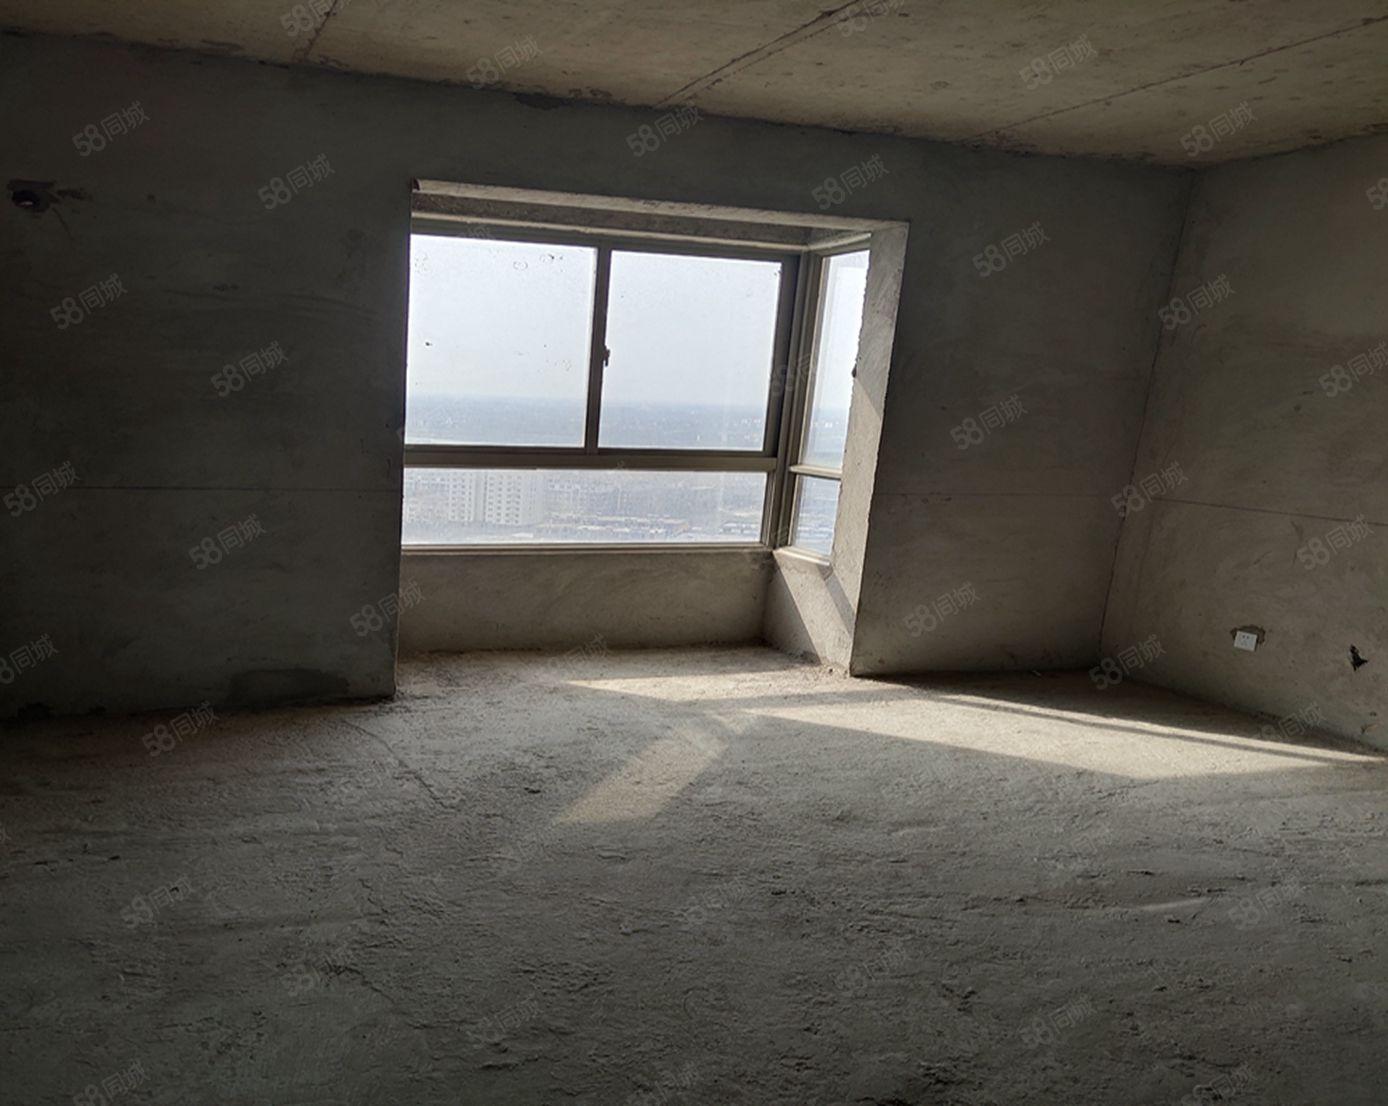 望和新城户型方正地理位置优越南北通透随时看房按揭